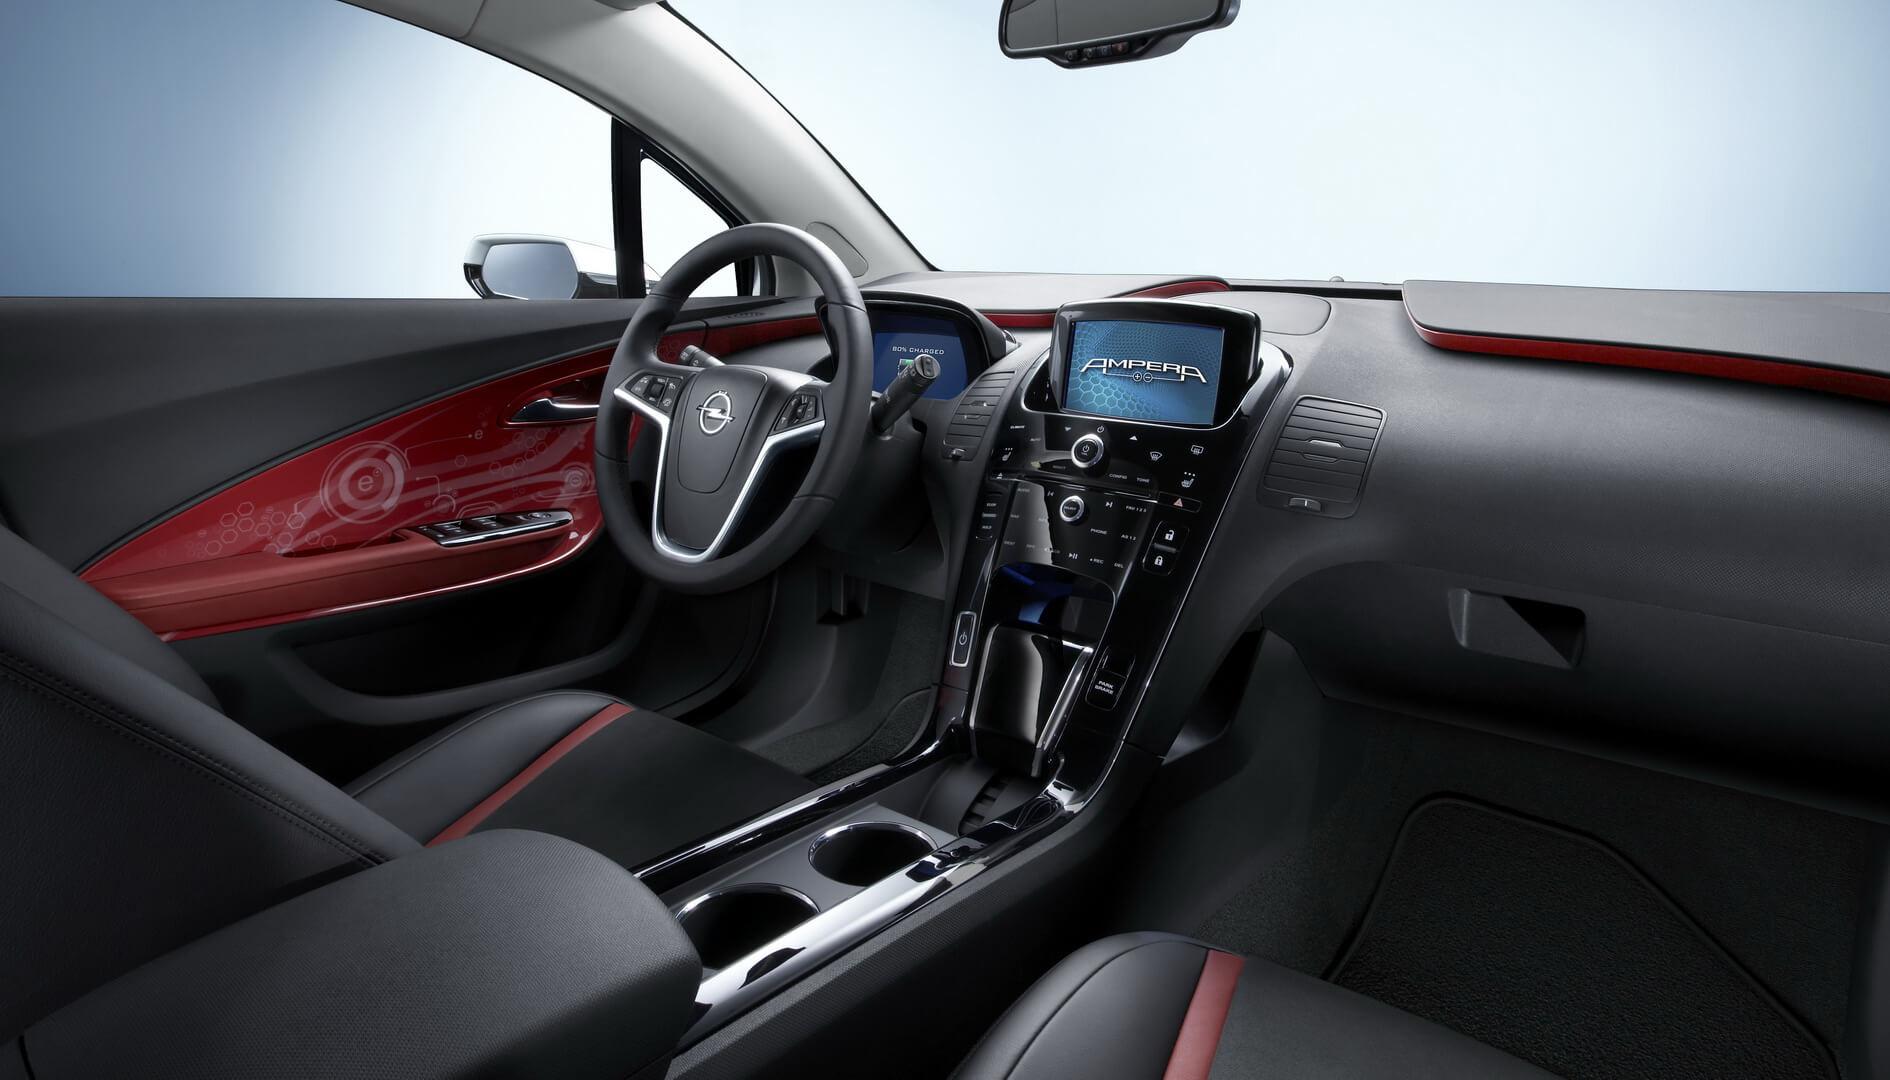 Фотография экоавто Opel Ampera Range Extender - фото 21